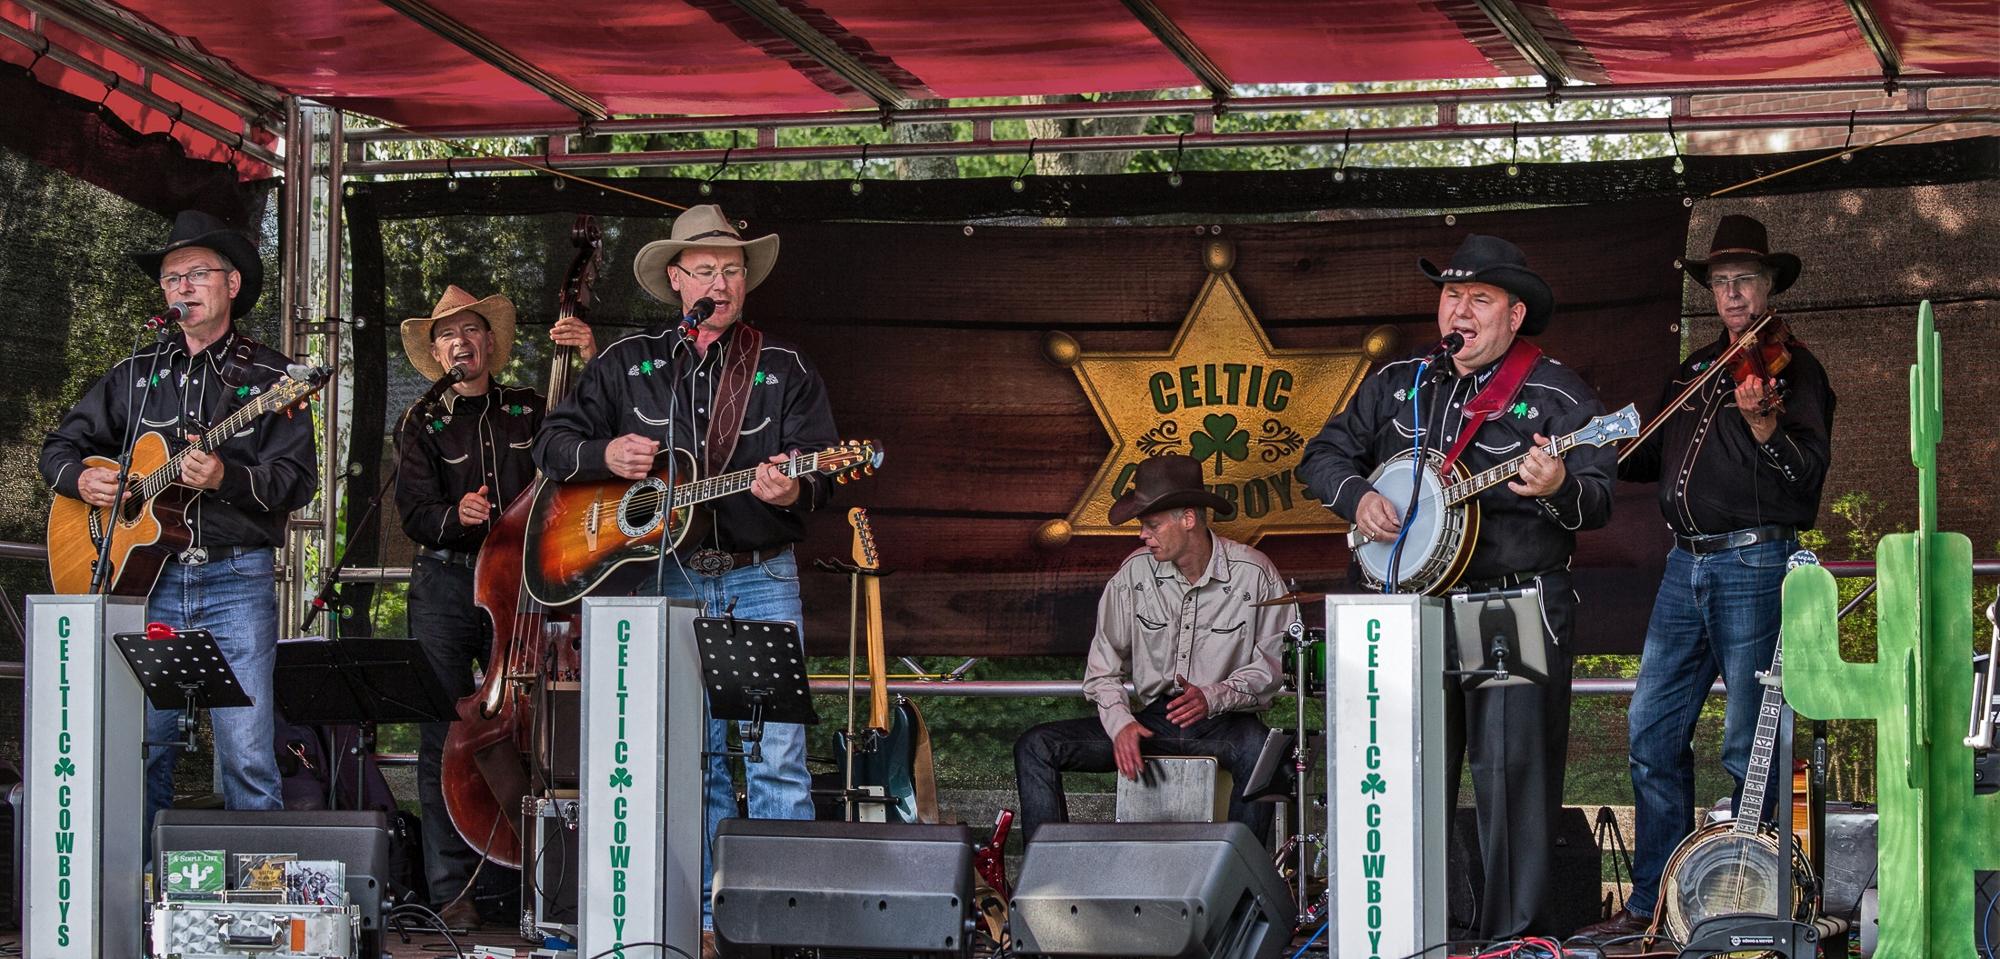 Celtic Cowboys_055